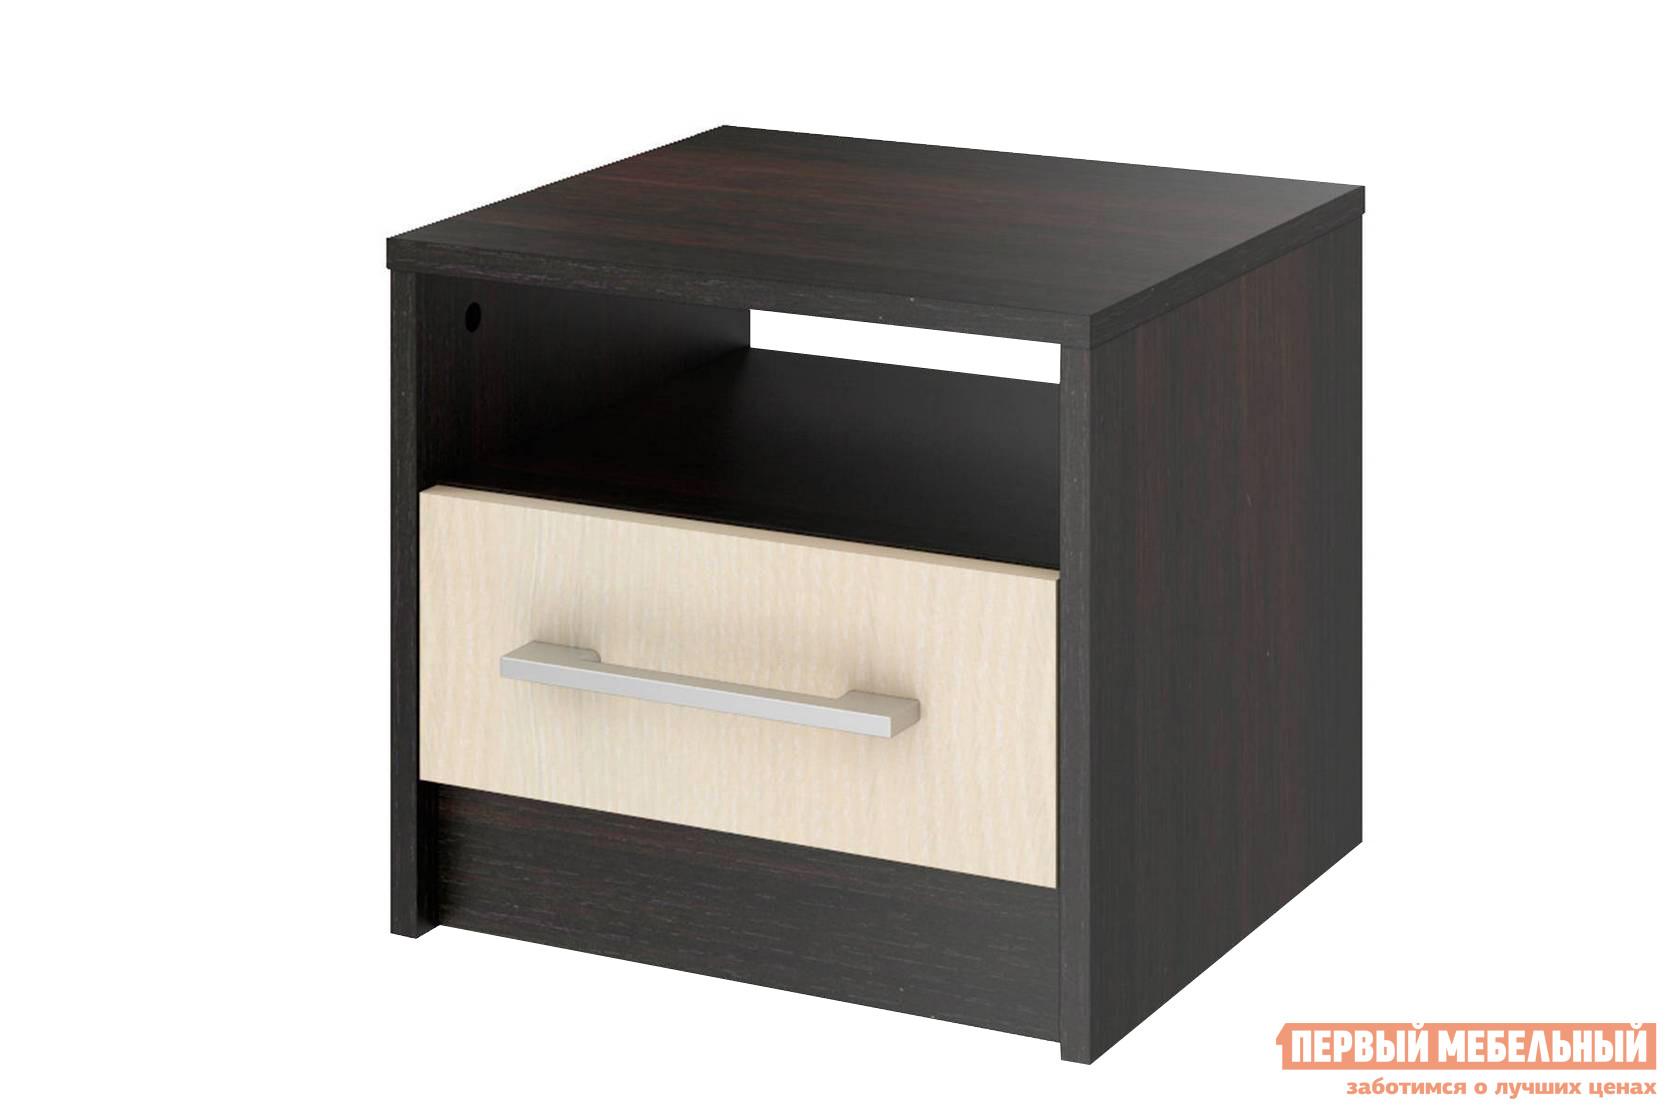 Прикроватная тумбочка СтолЛайн СТЛ.138.11 прикроватная тумбочка столлайн стл 202 04